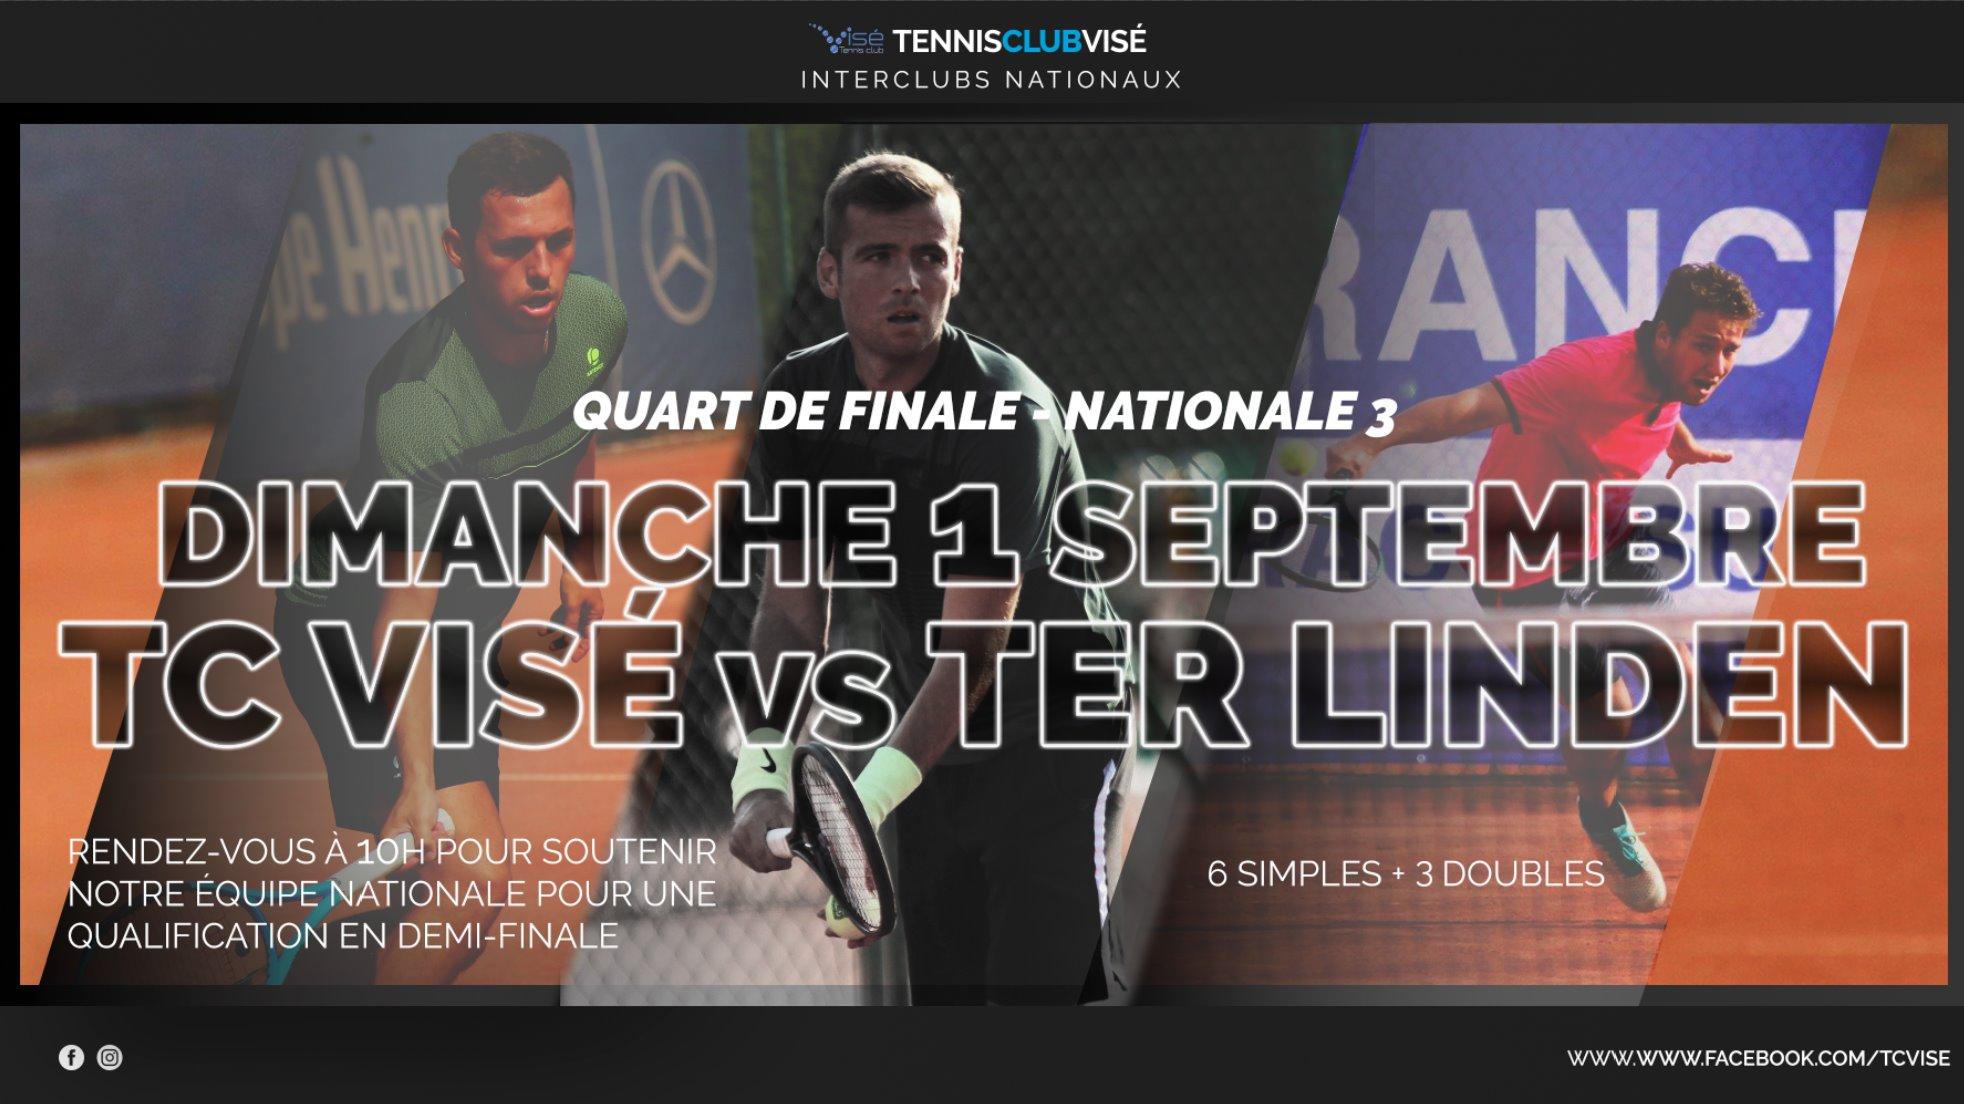 ¼ Finale Nationale 3 TC Visé